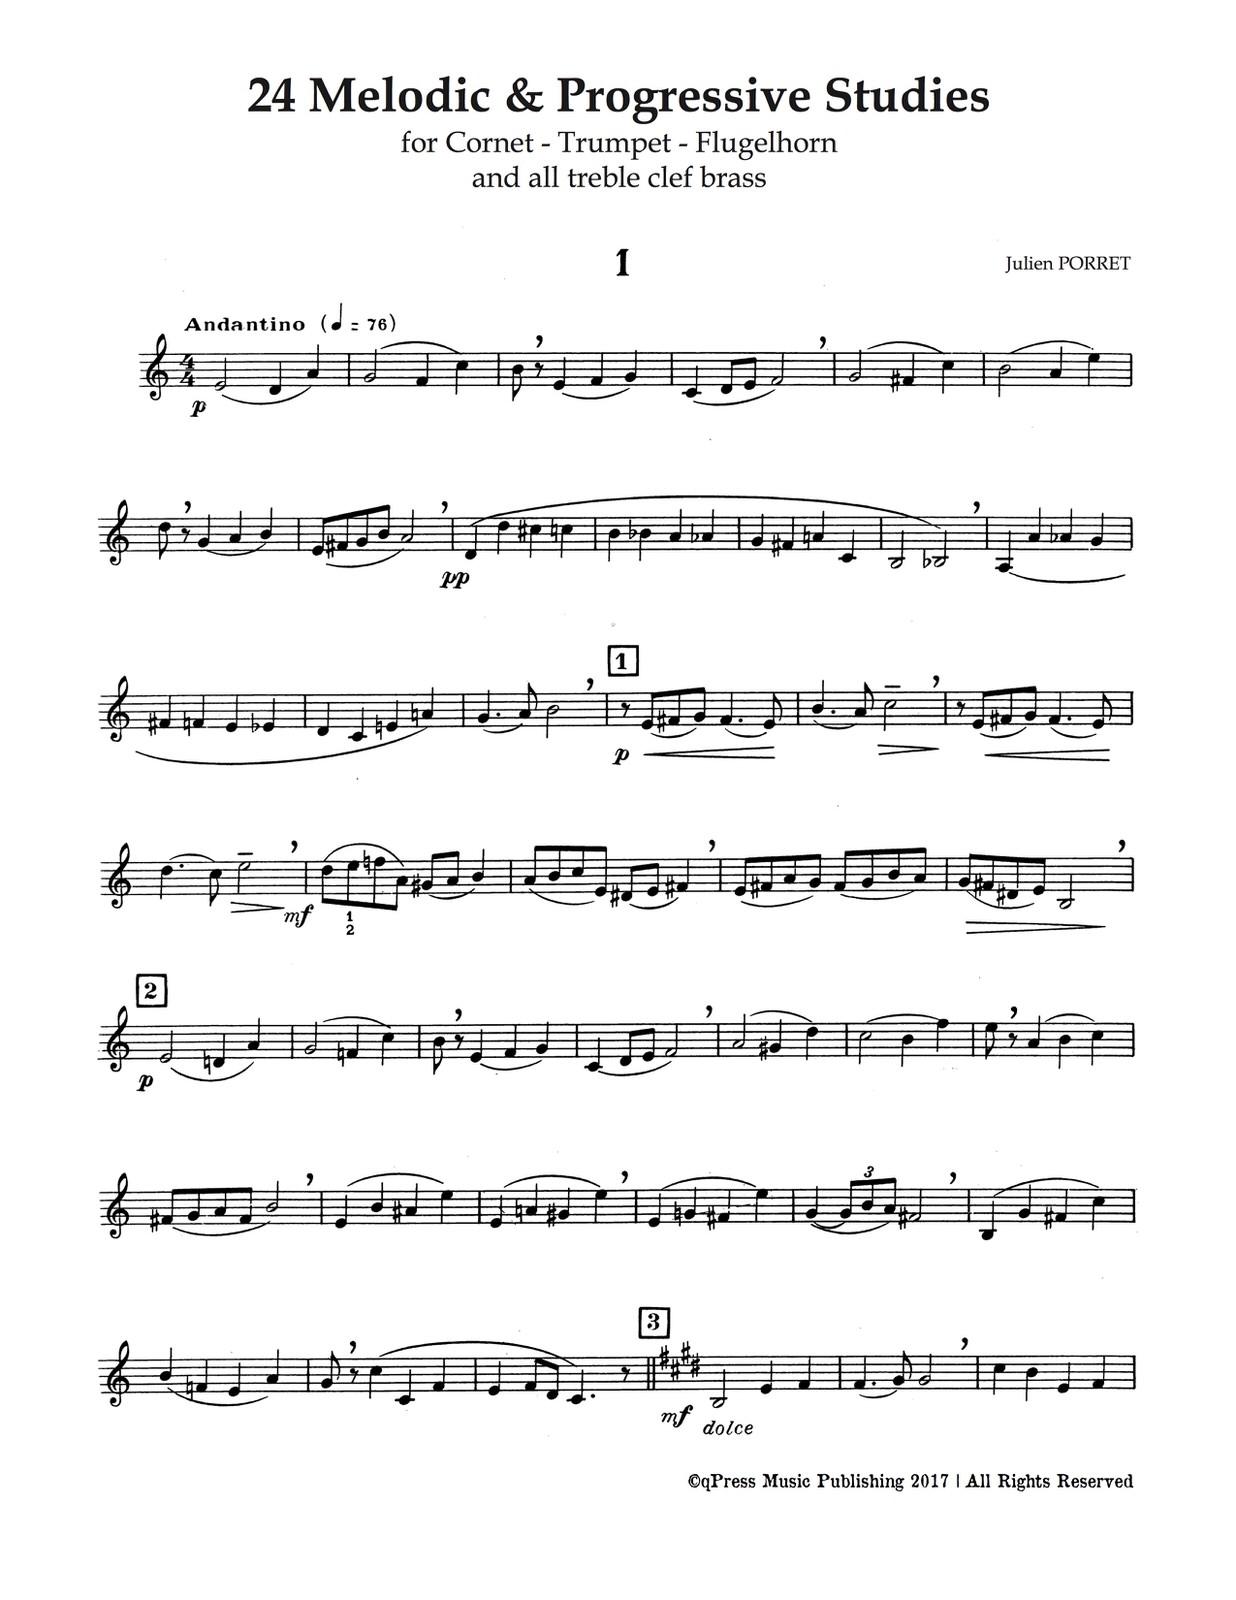 Porret, 24 Etudes Melodiques et Progressives-p06